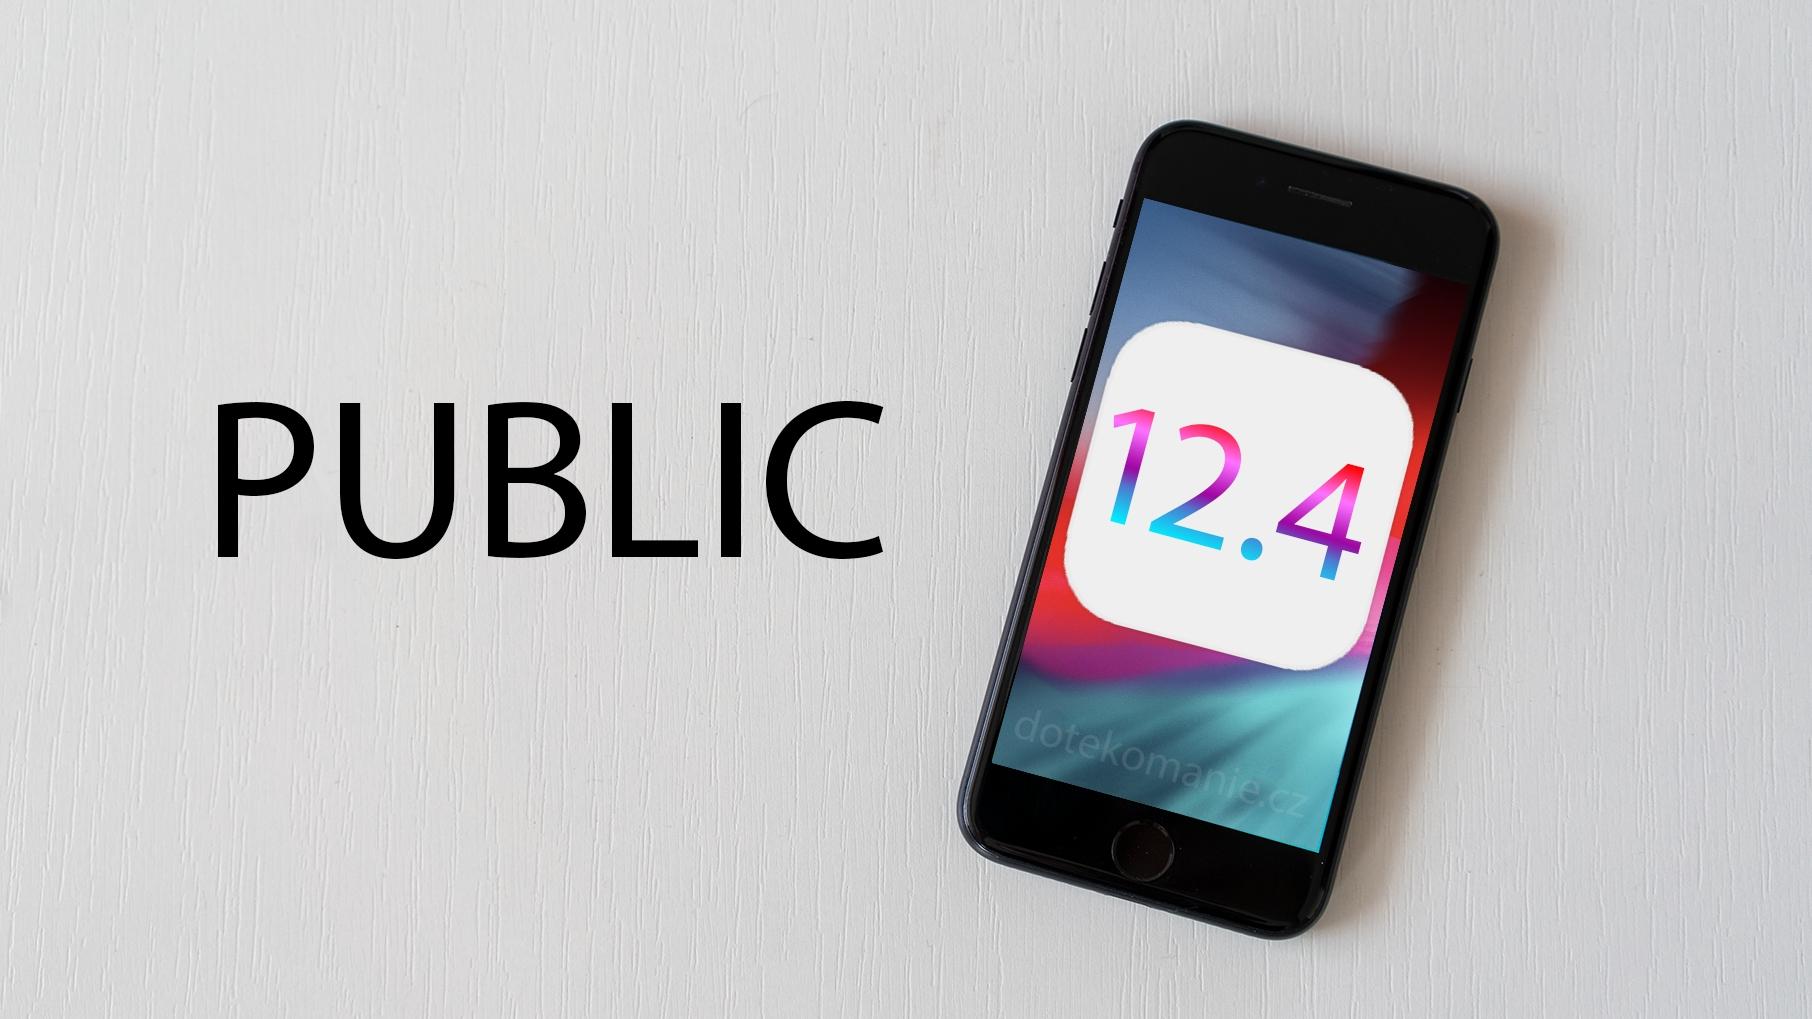 Nejen 7 let starý iPhone dostal bezpečnostní aktualizaci iOS 12.4.6